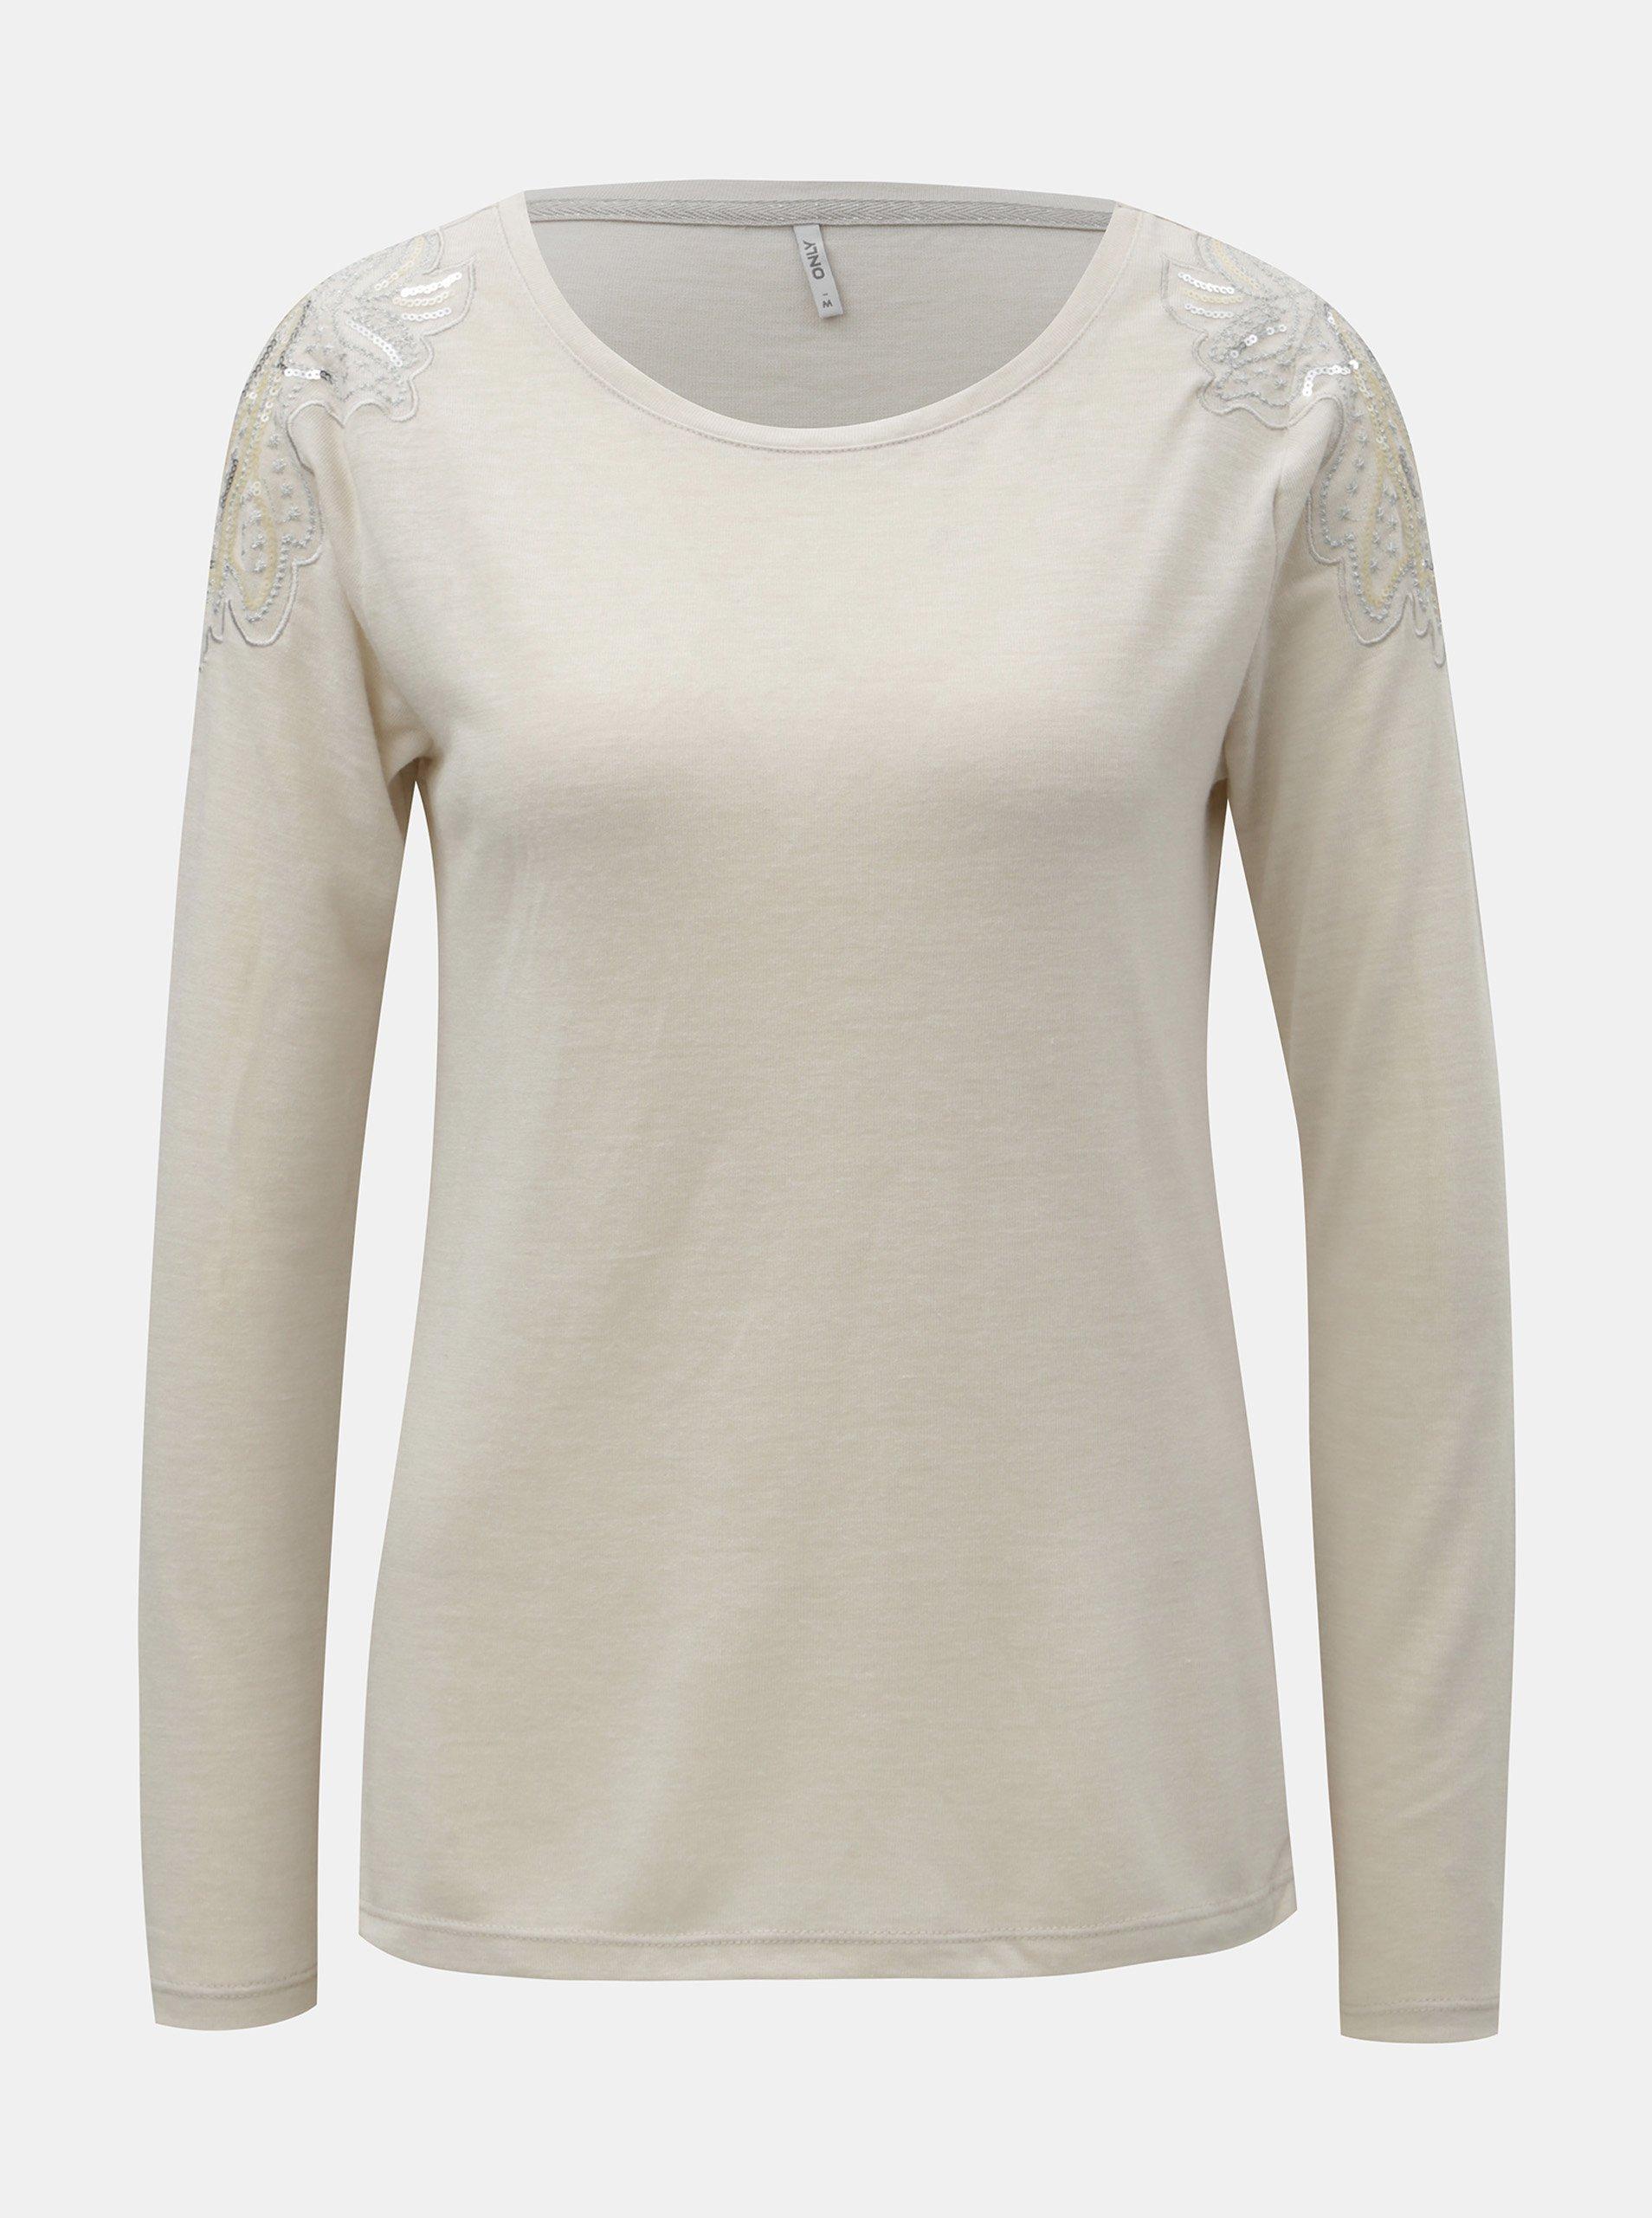 b775188530 Béžové tričko s flitry na ramenou ONLY Katie